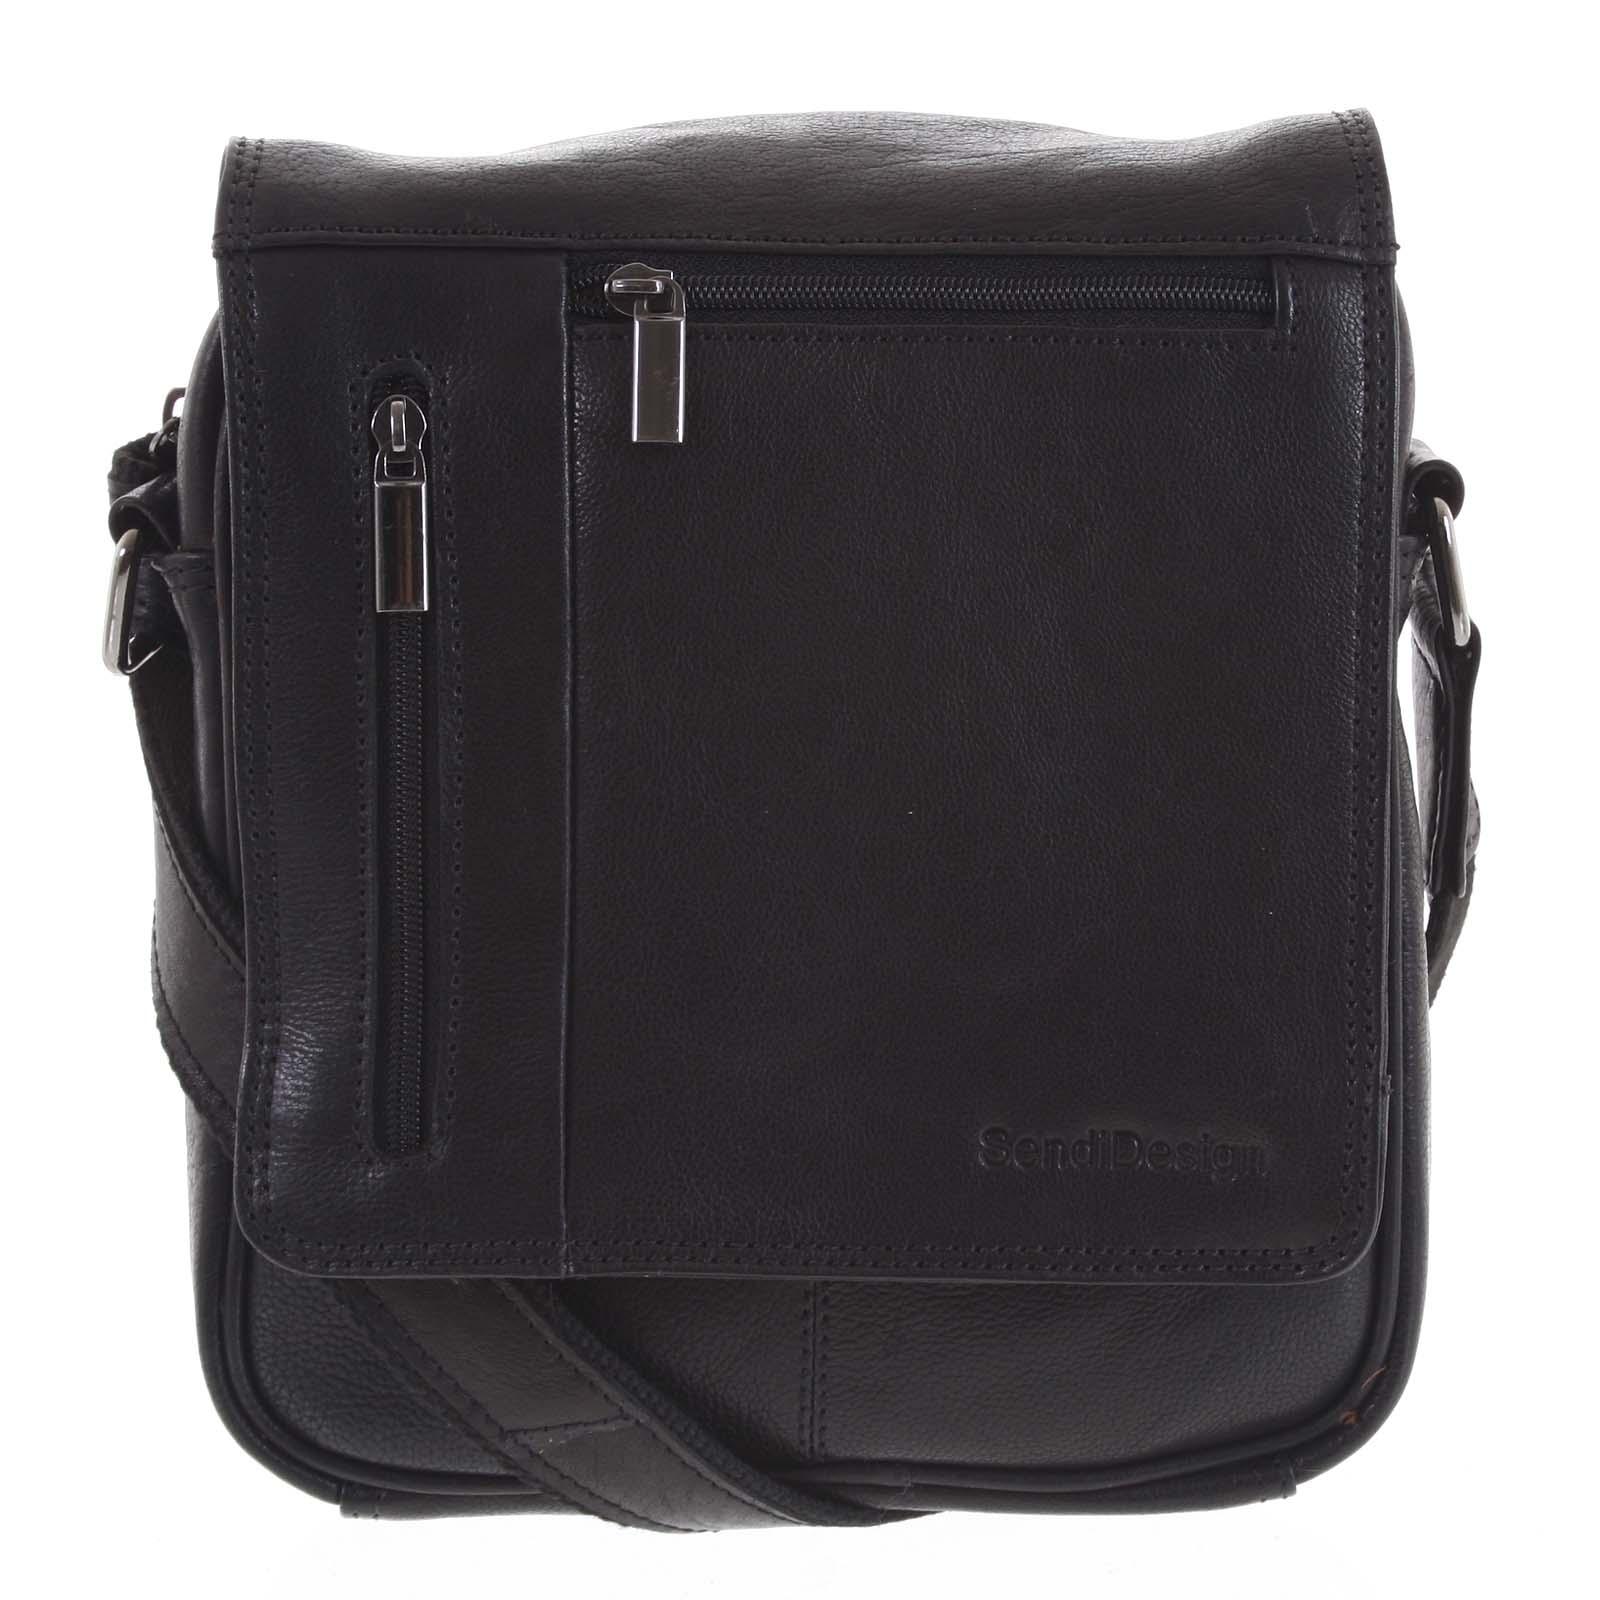 Pánská kožená taška přes rameno černá - SendiDesign Thoreau